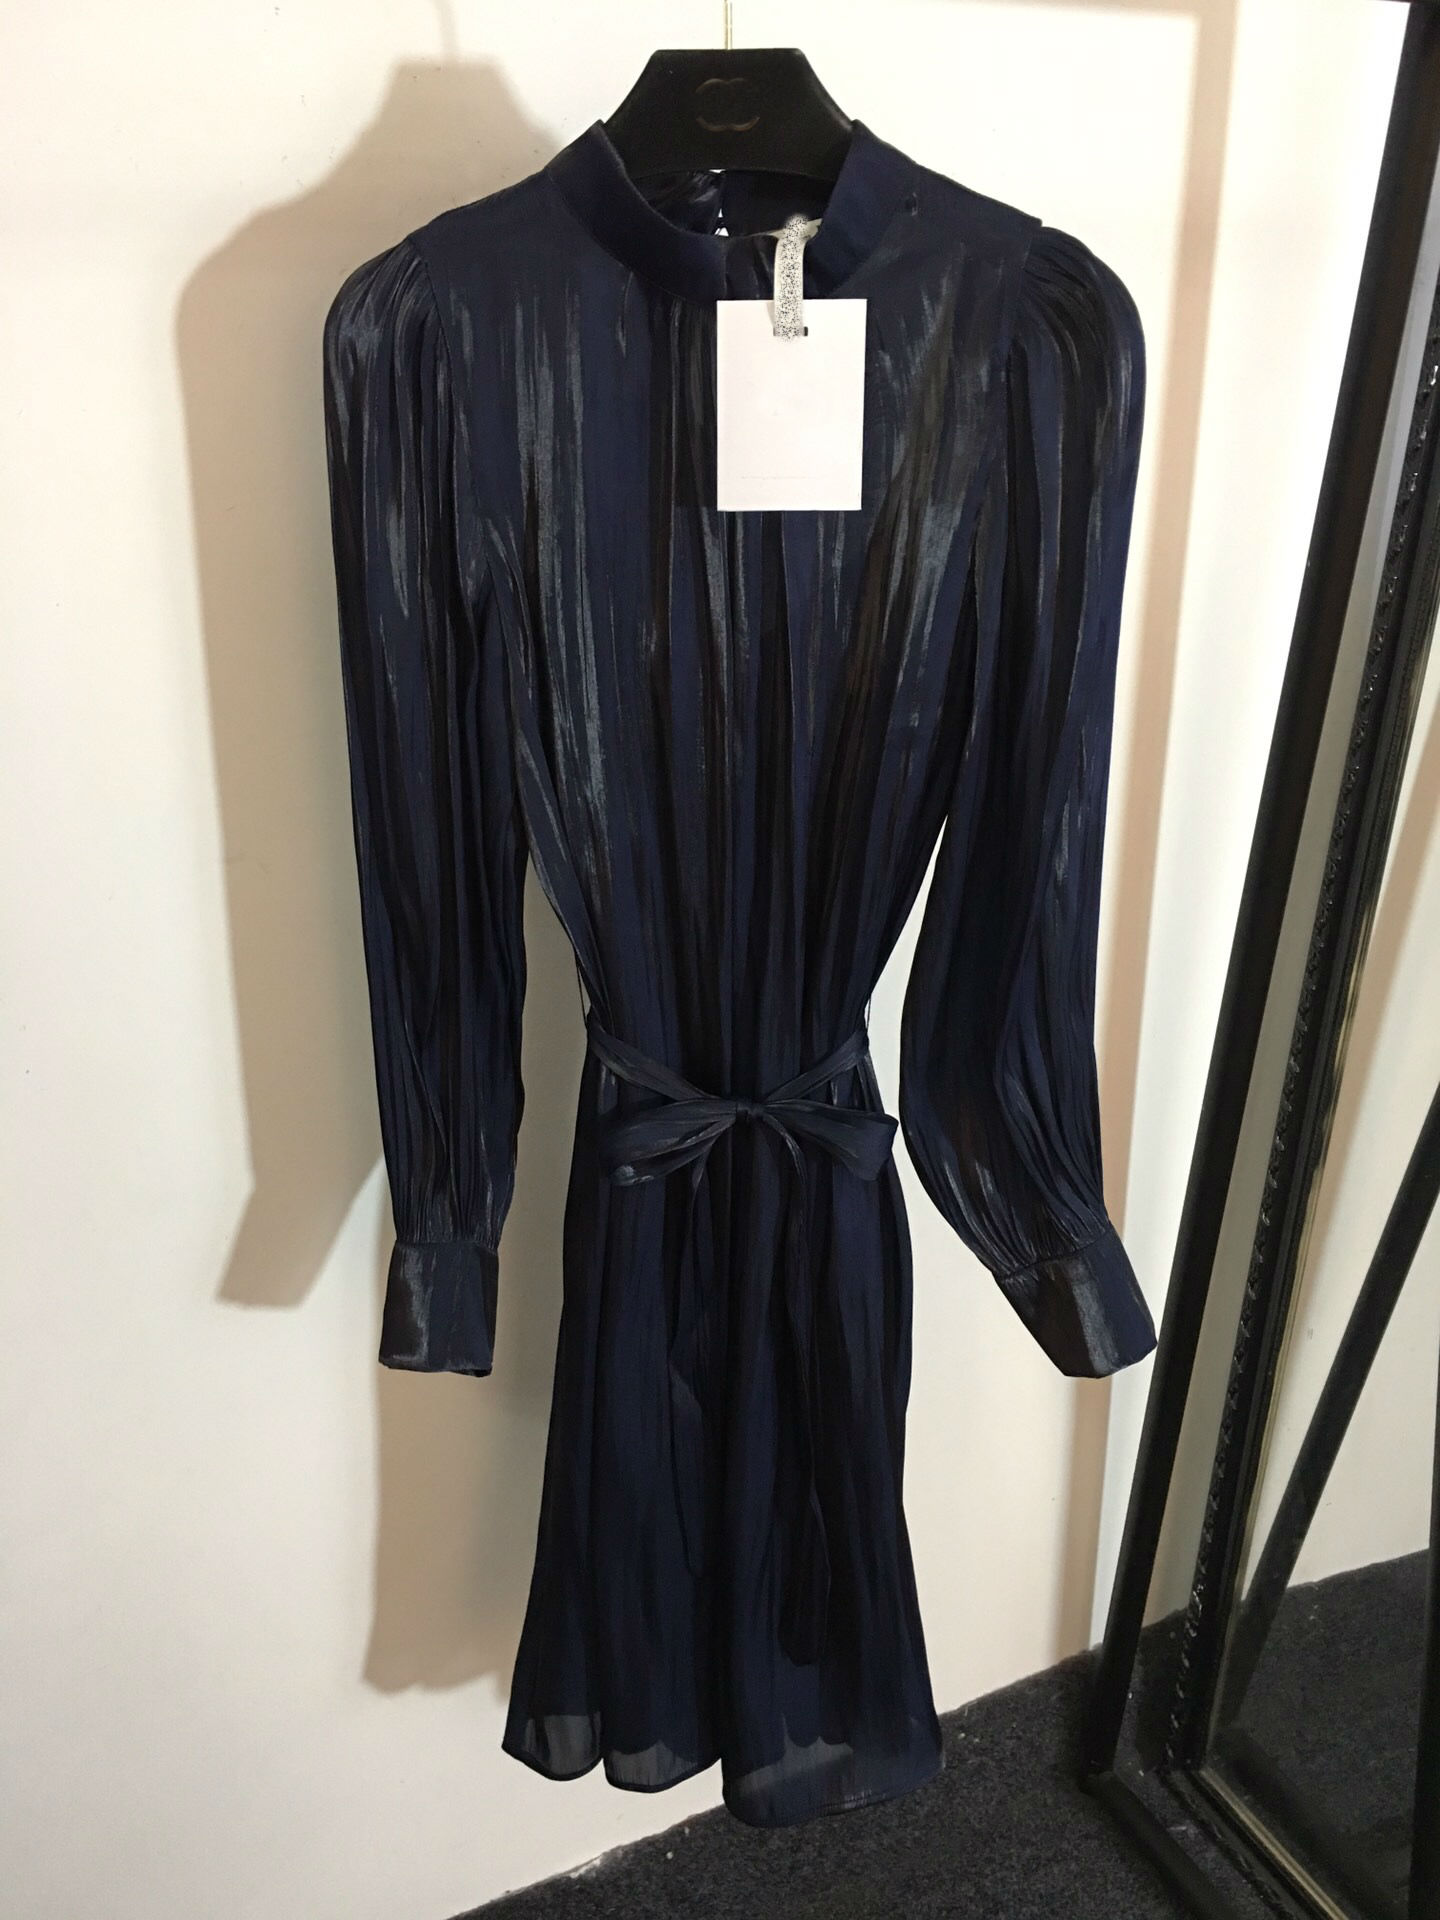 Kadın Giyim'ten Elbiseler'de 2019 Yeni Fırçalanmış Kumaş uzun kollu Zayıflama Kadınlar Için Moda Elbiseler Ücretsiz Kargo'da  Grup 1